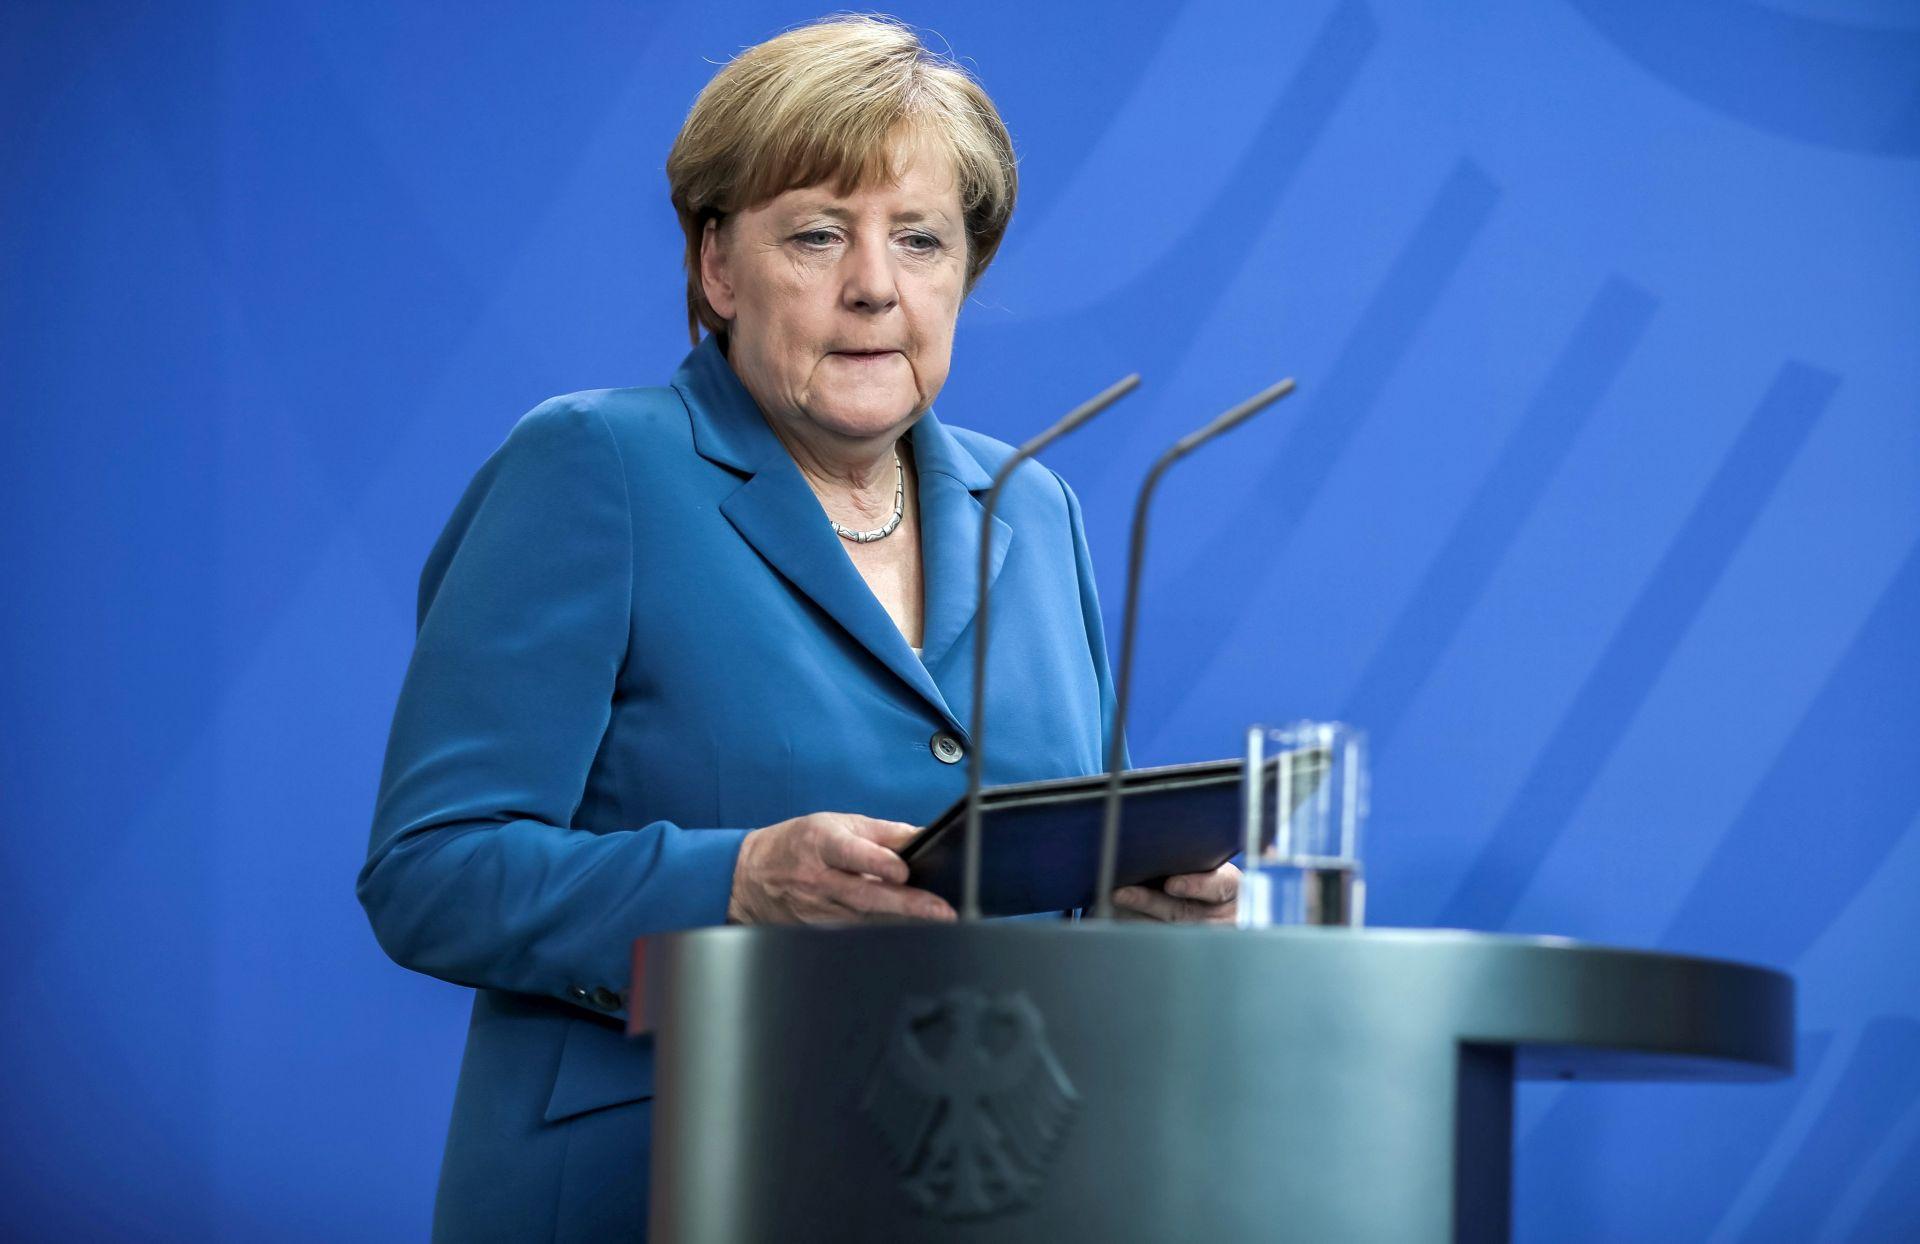 POTREBENE OBUKE I USAVRŠAVANJE: Merkel pozvala tvrtke da zaposle izbjeglice